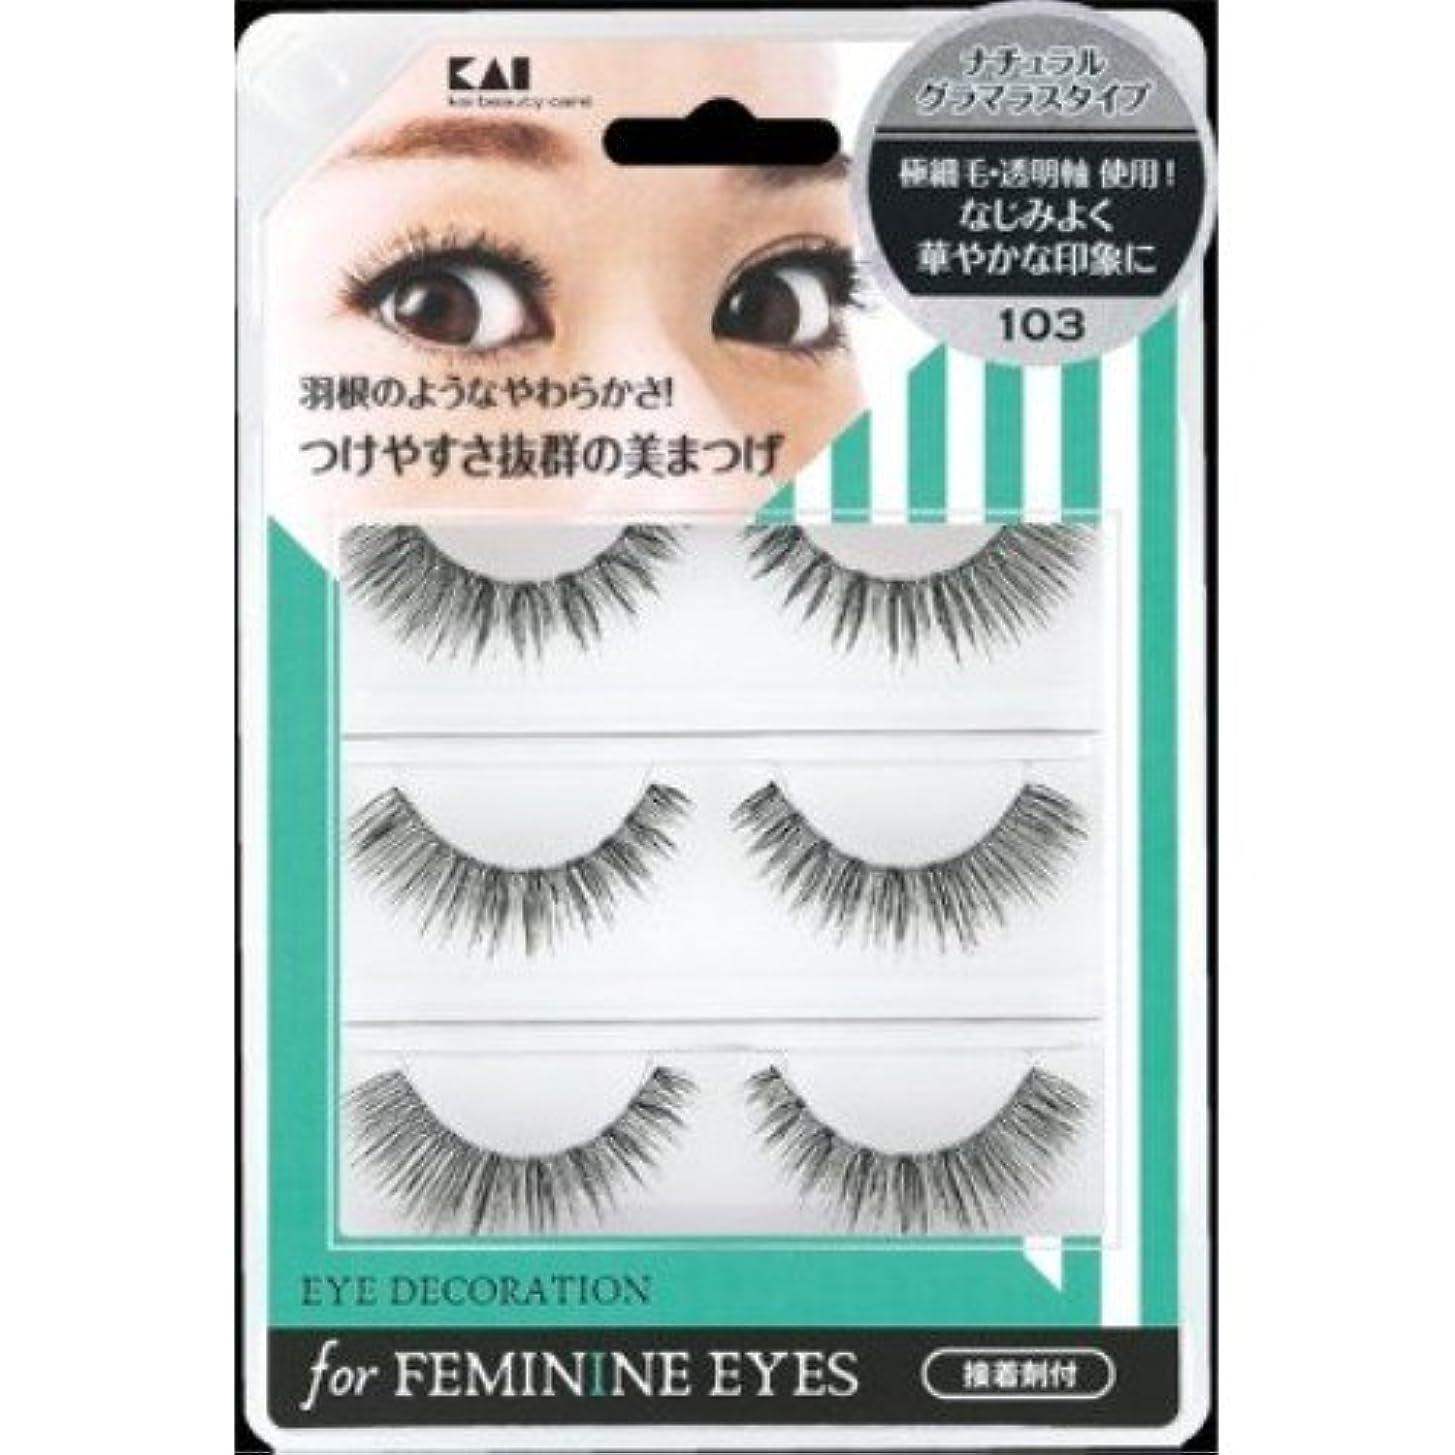 クラッチ着陸玉貝印 アイデコレーション for feminine eyes 103 HC1557